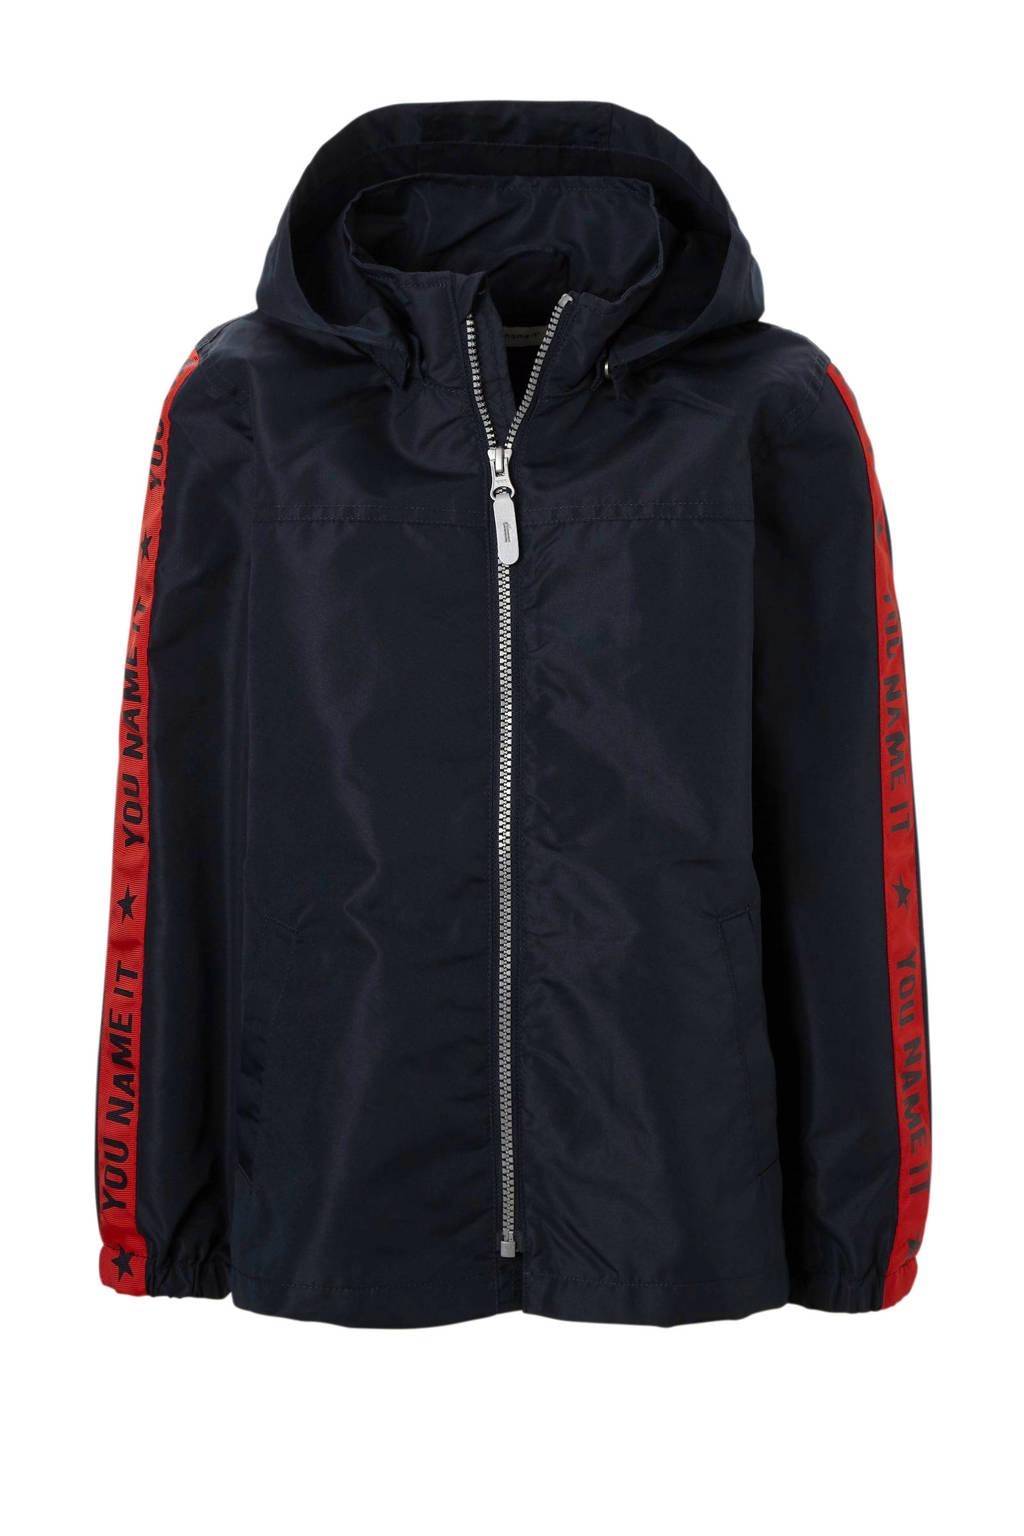 name it KIDS jas Mellon met taping, Donkerblauw/ rood